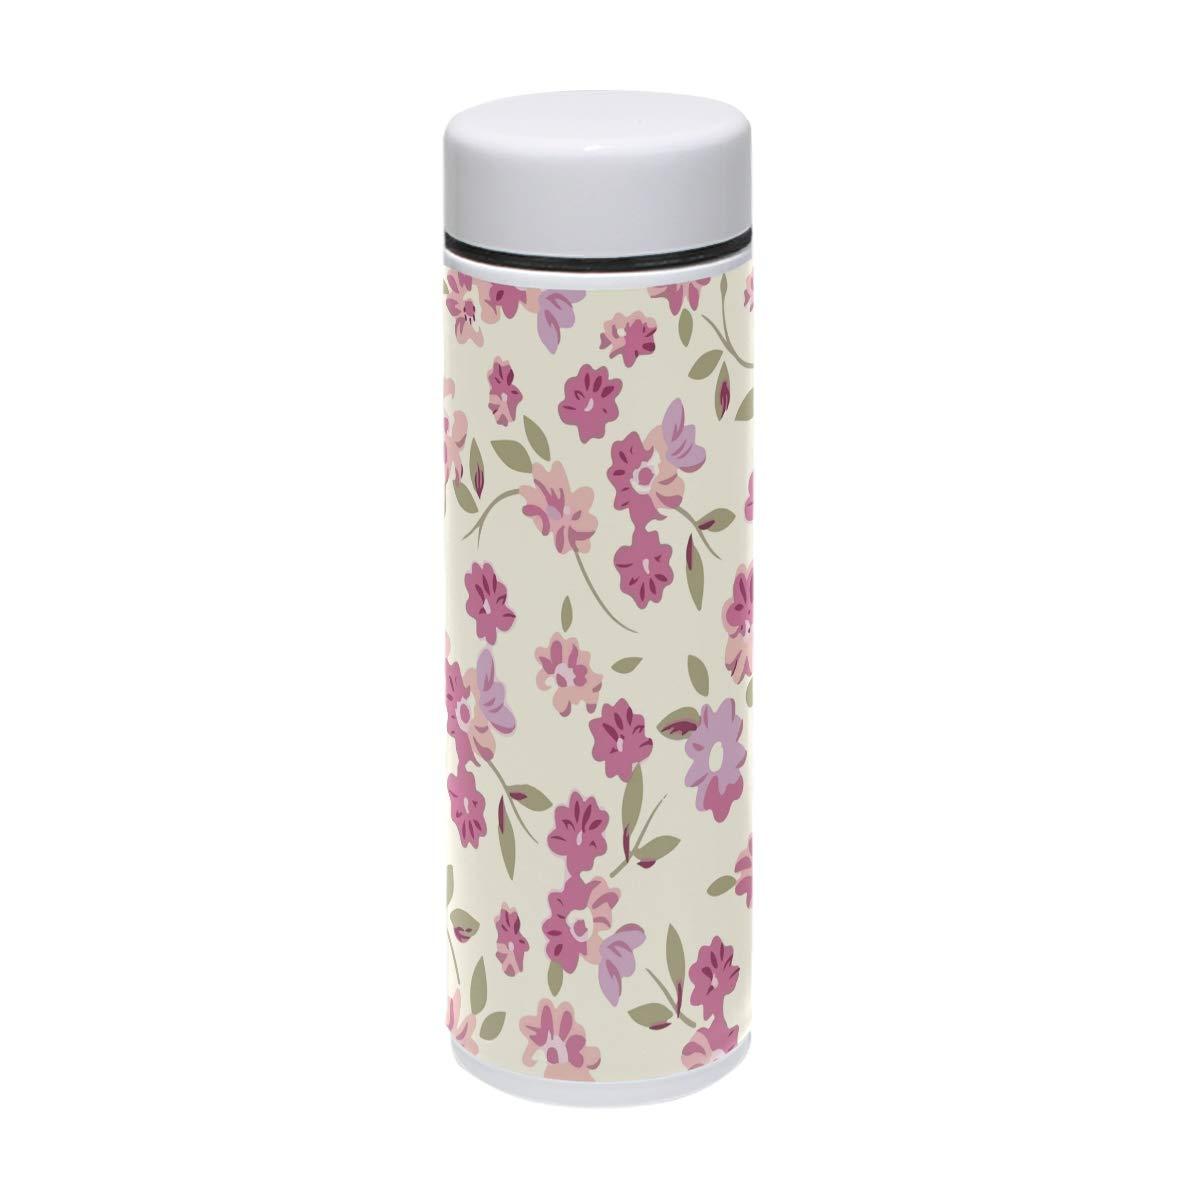 MUOOUM al Art Botella de agua de acero inoxidable aislada al MUOOUM vacío con diseño de flores rosas, para viajes, deportes, 7.5 onzas, caliente durante 12 horas 3ce8ae